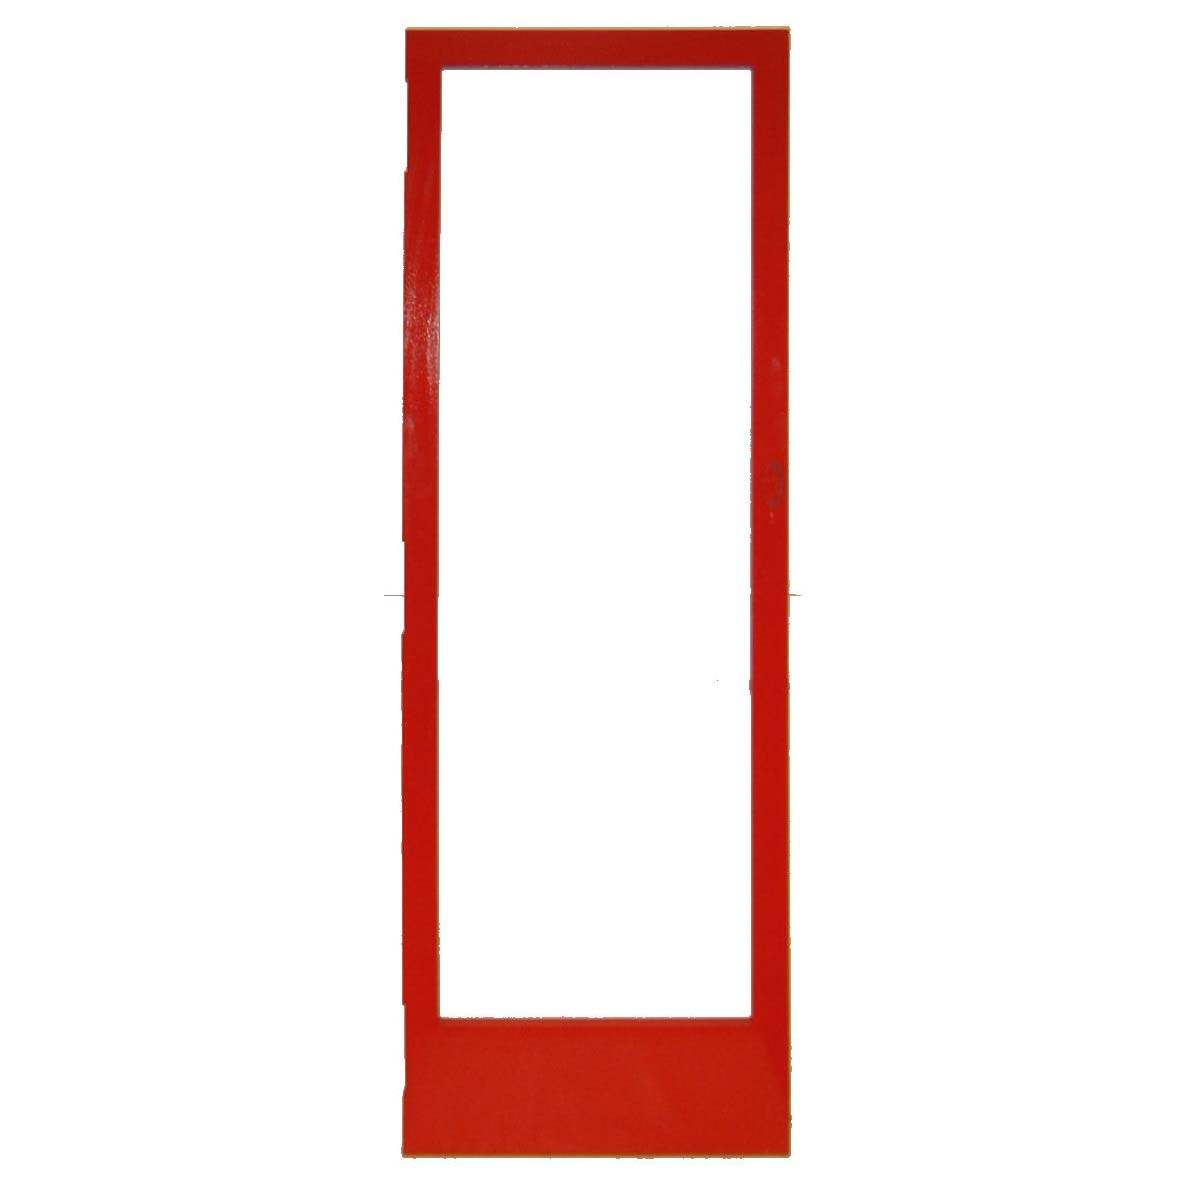 K6 HARDWOOD DOOR SURROUND